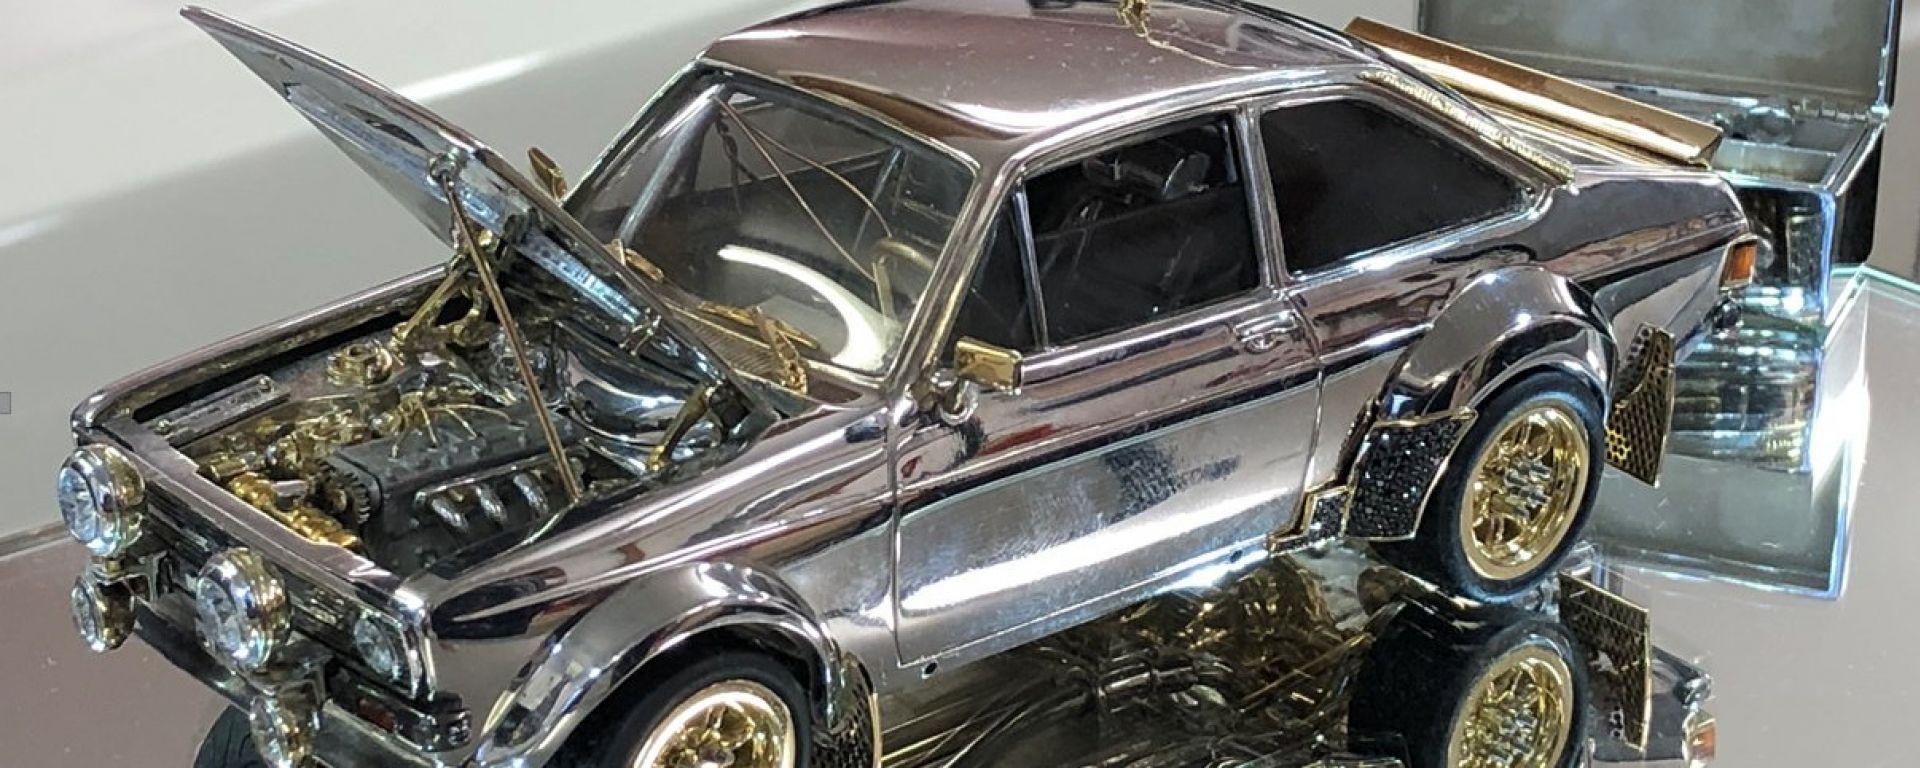 Ford Escort: all'asta un modellino da 90 mila euro. Il video